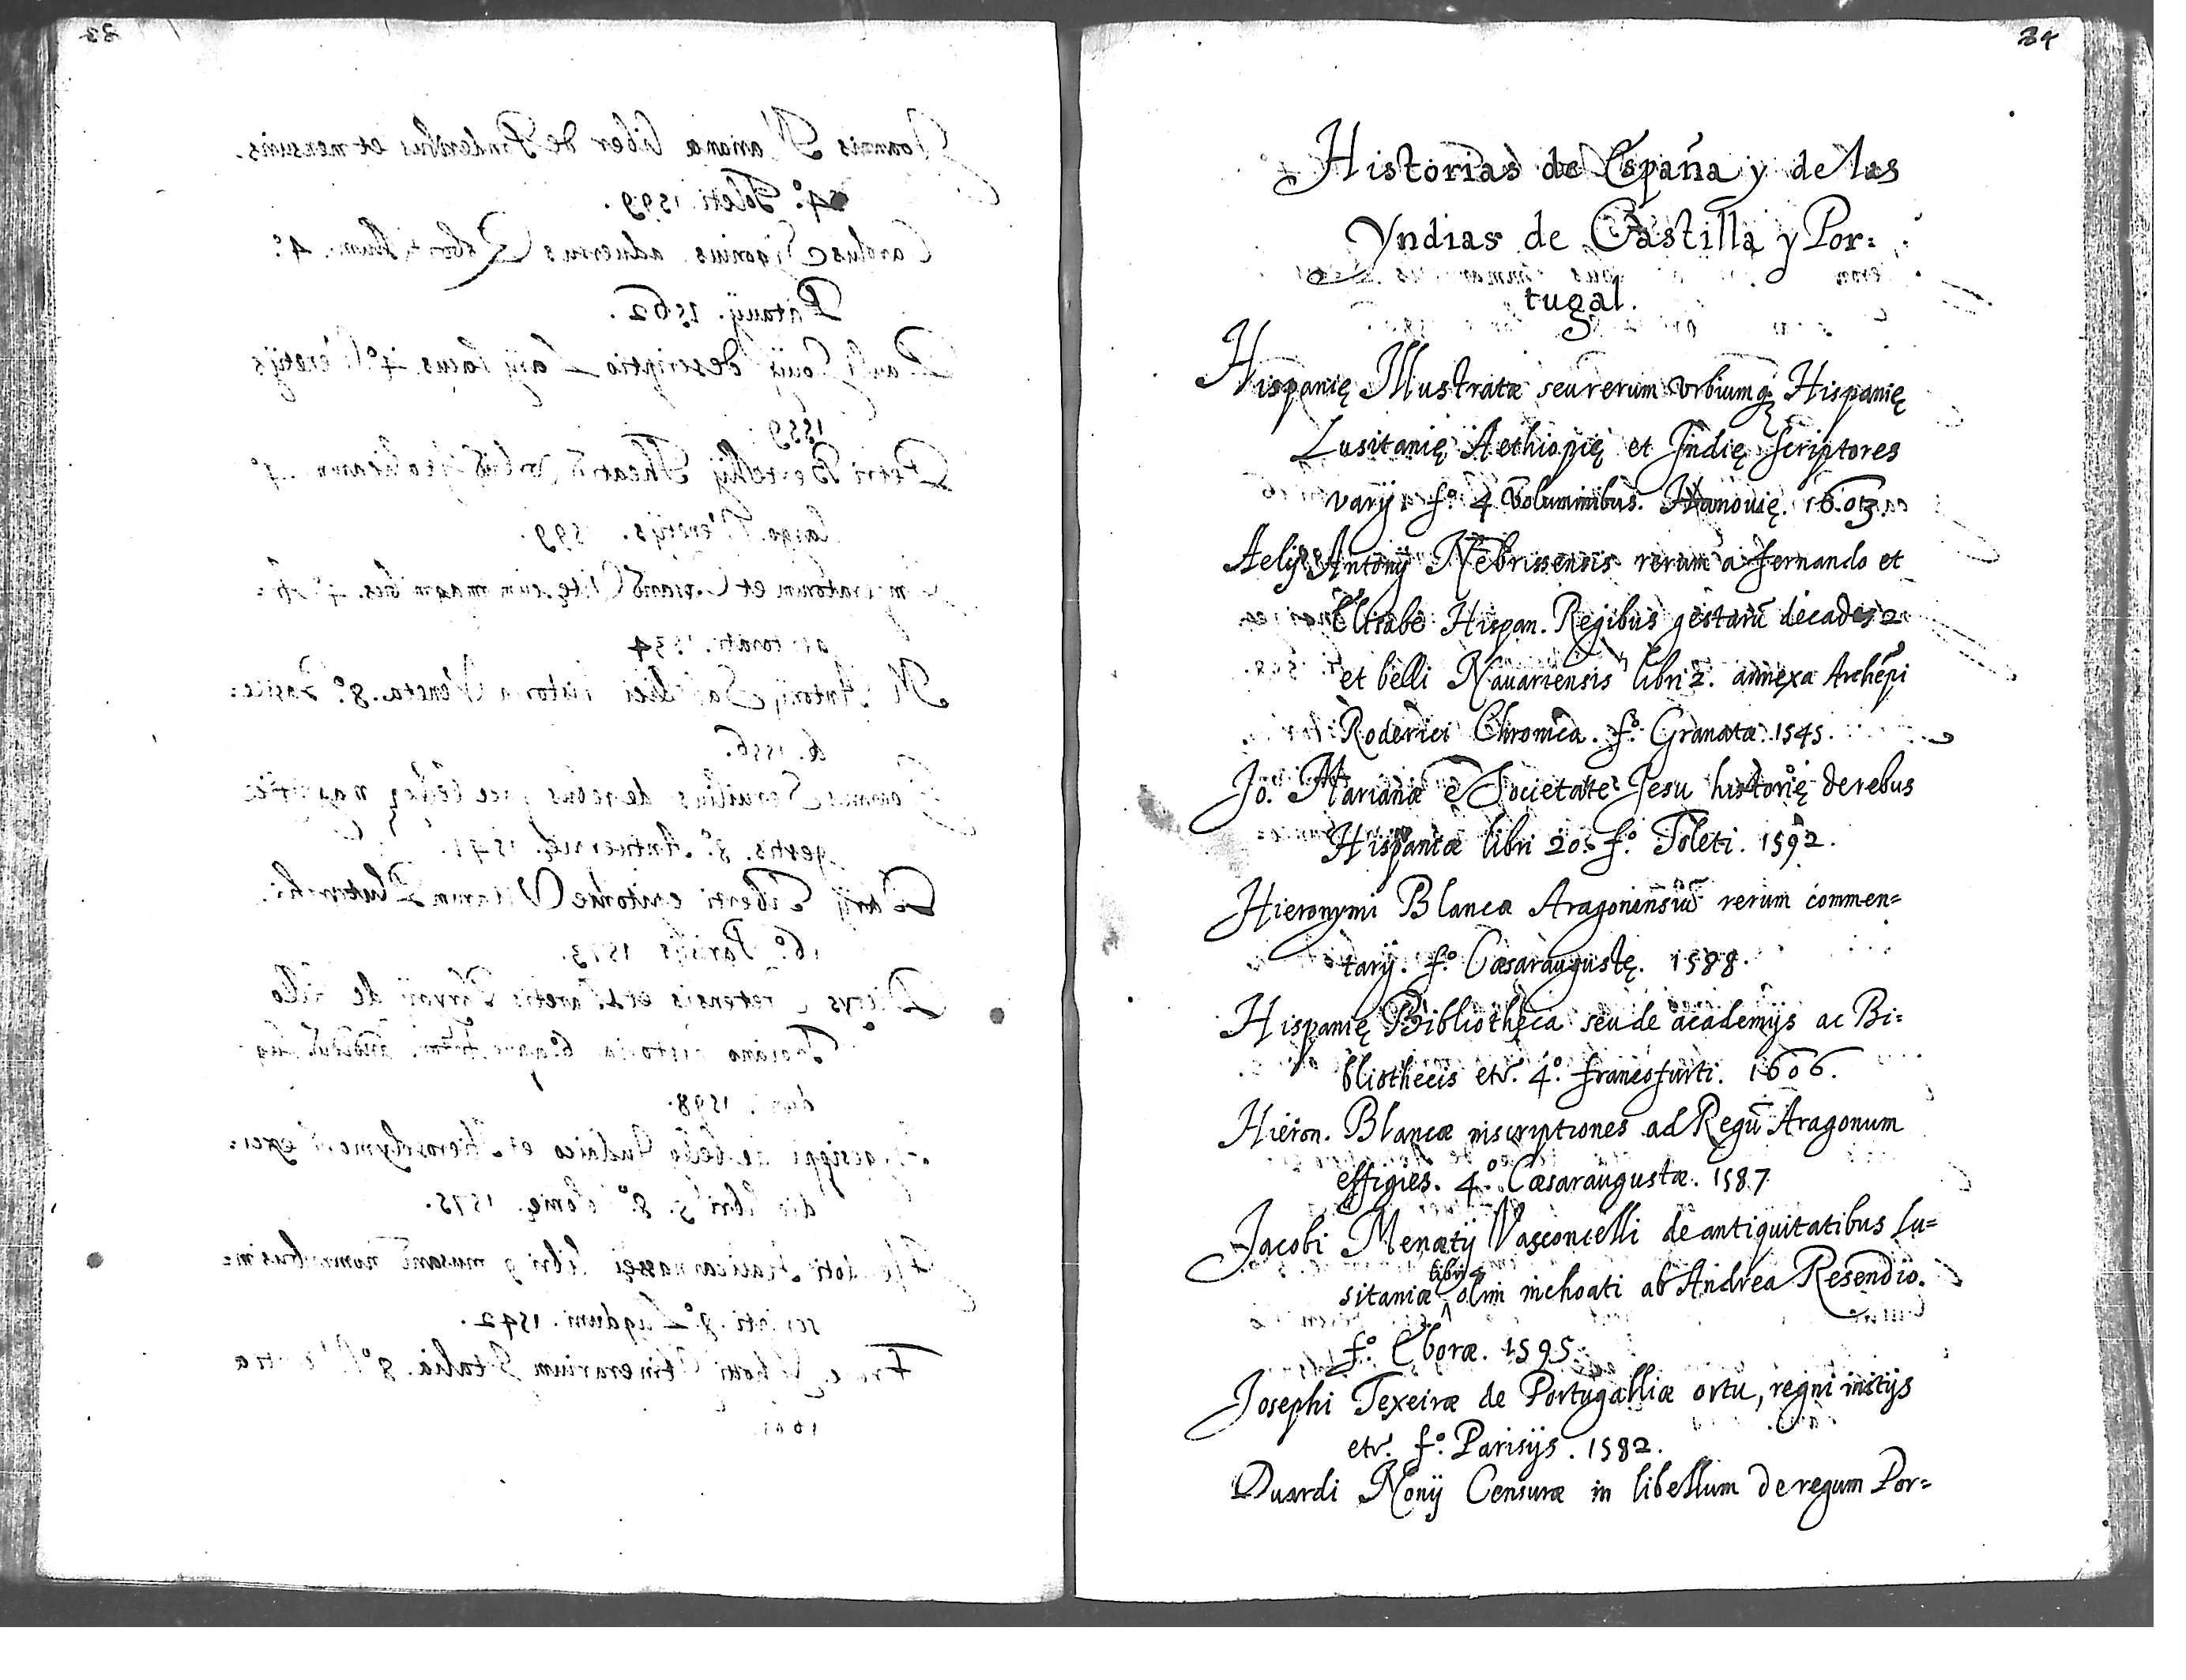 Reproducción digital fol. 84r